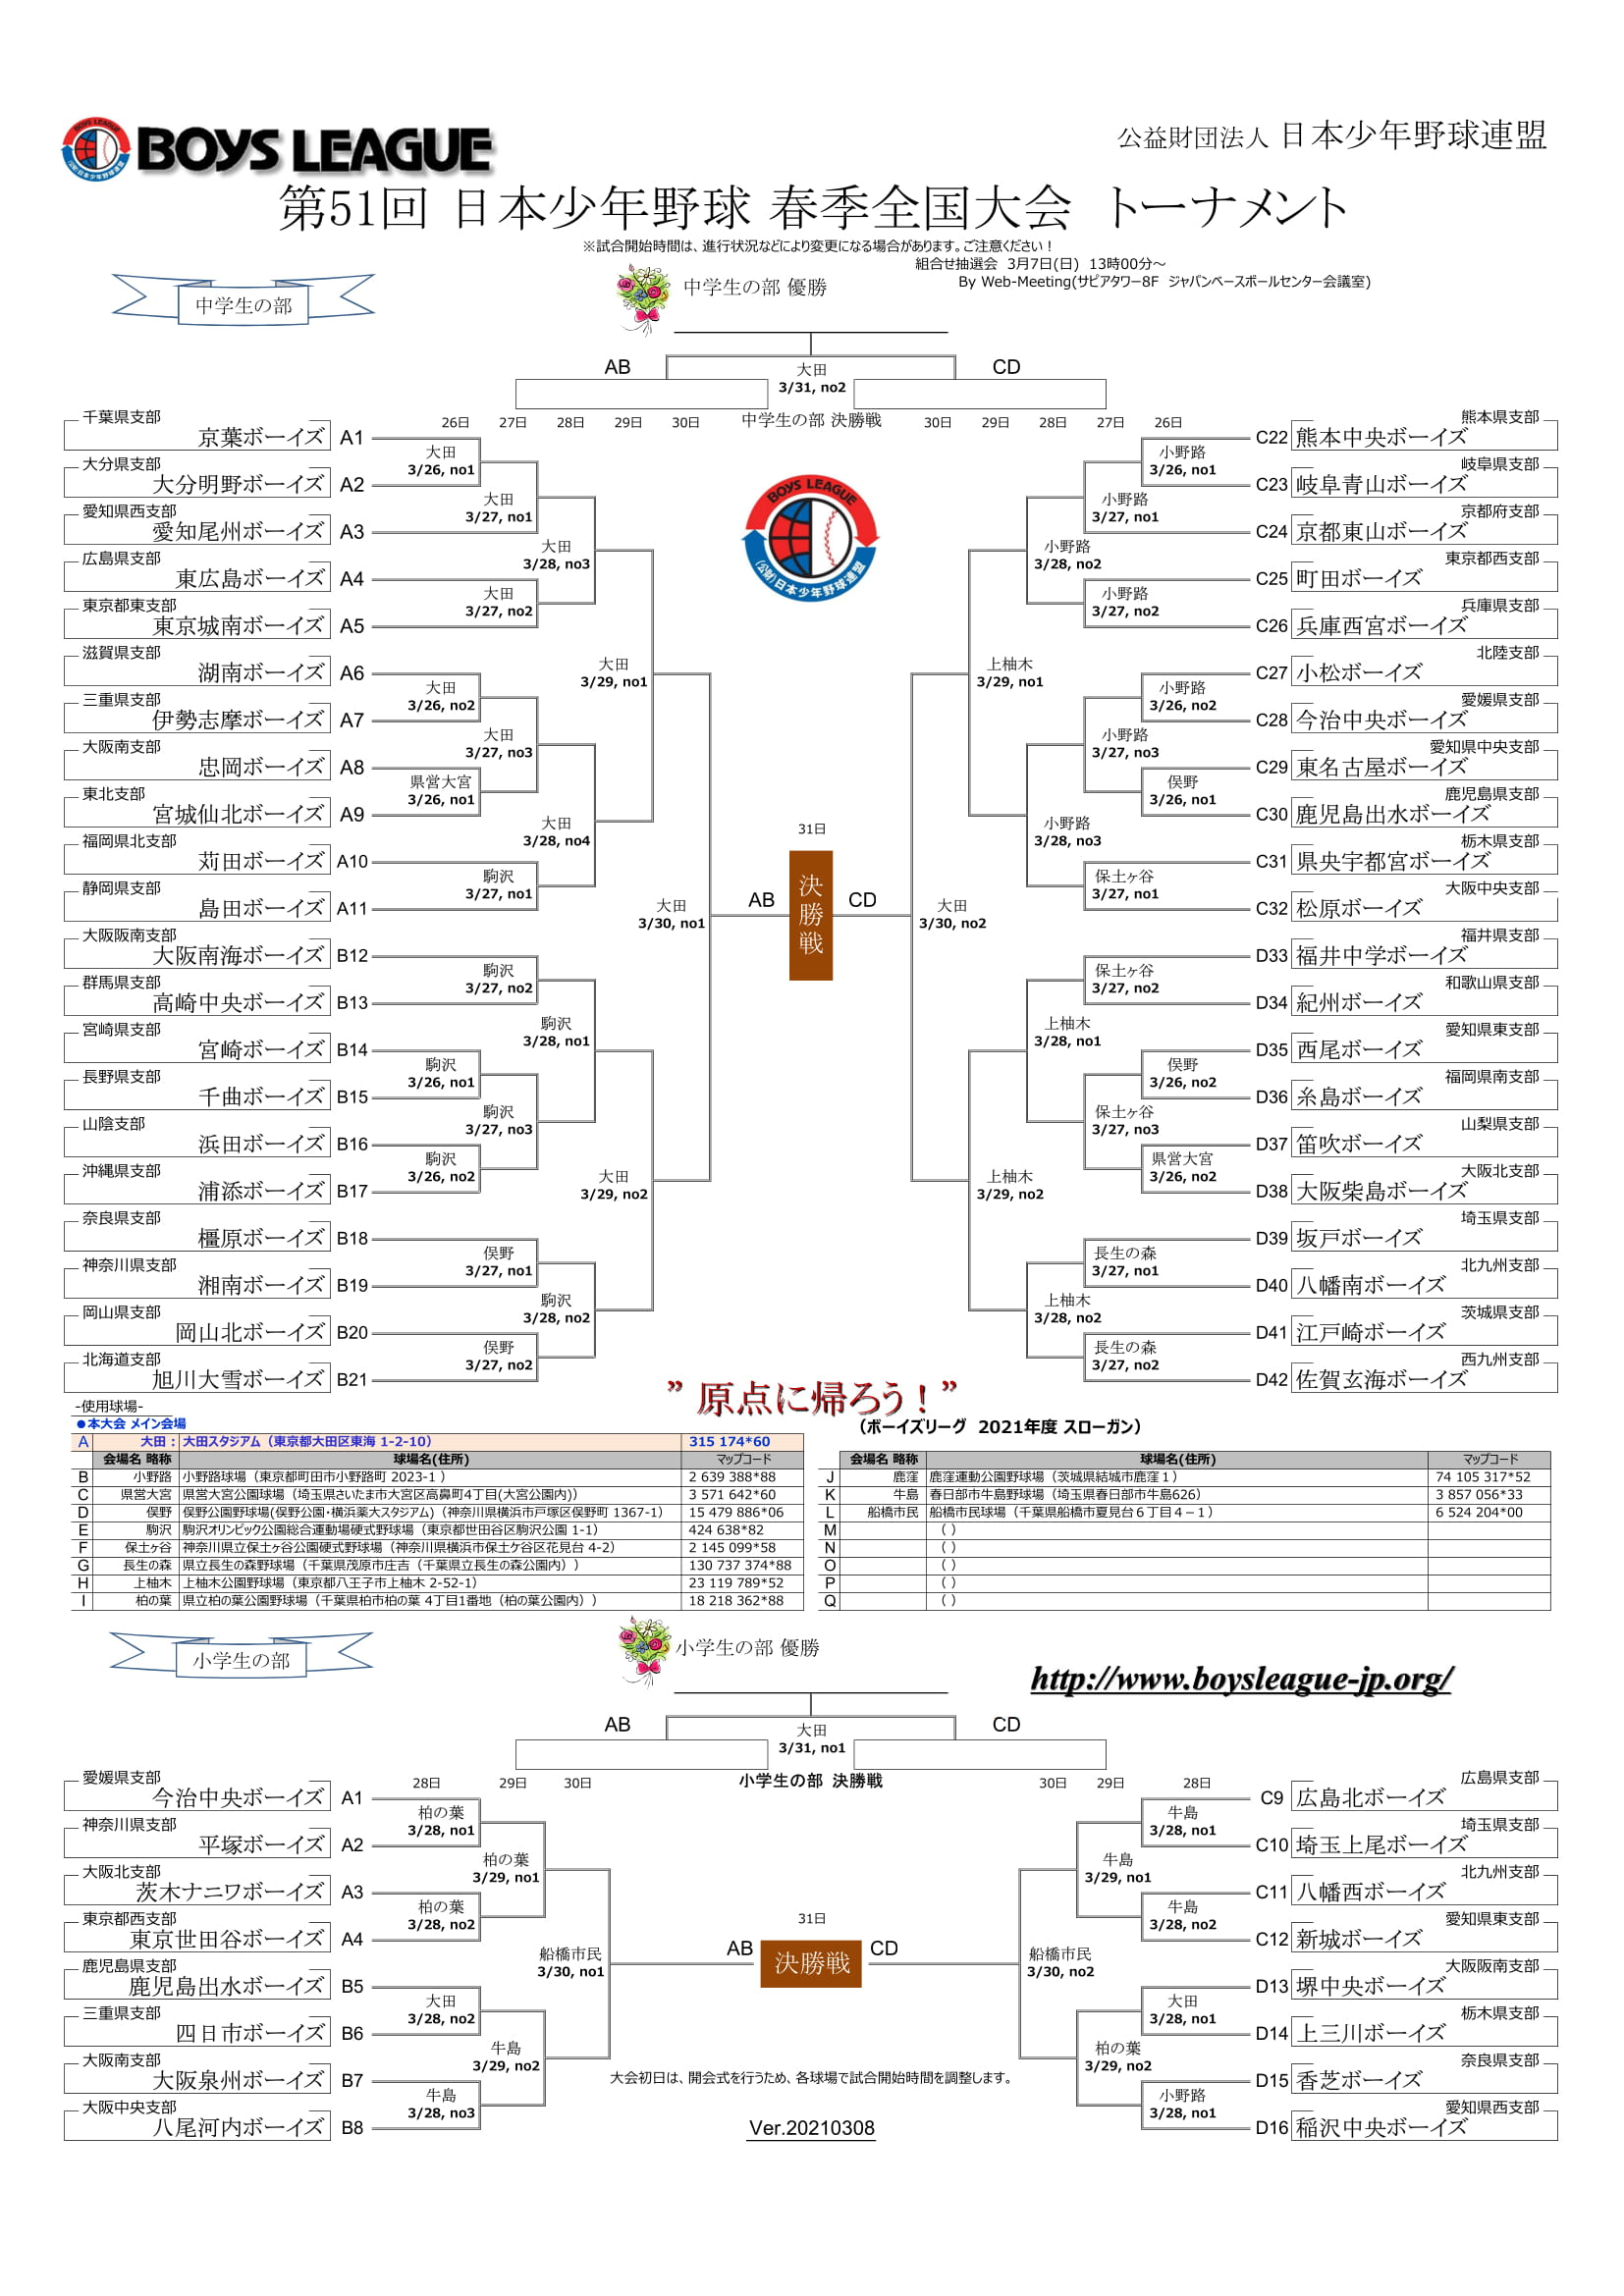 第51回日本少年野球春季全国大会